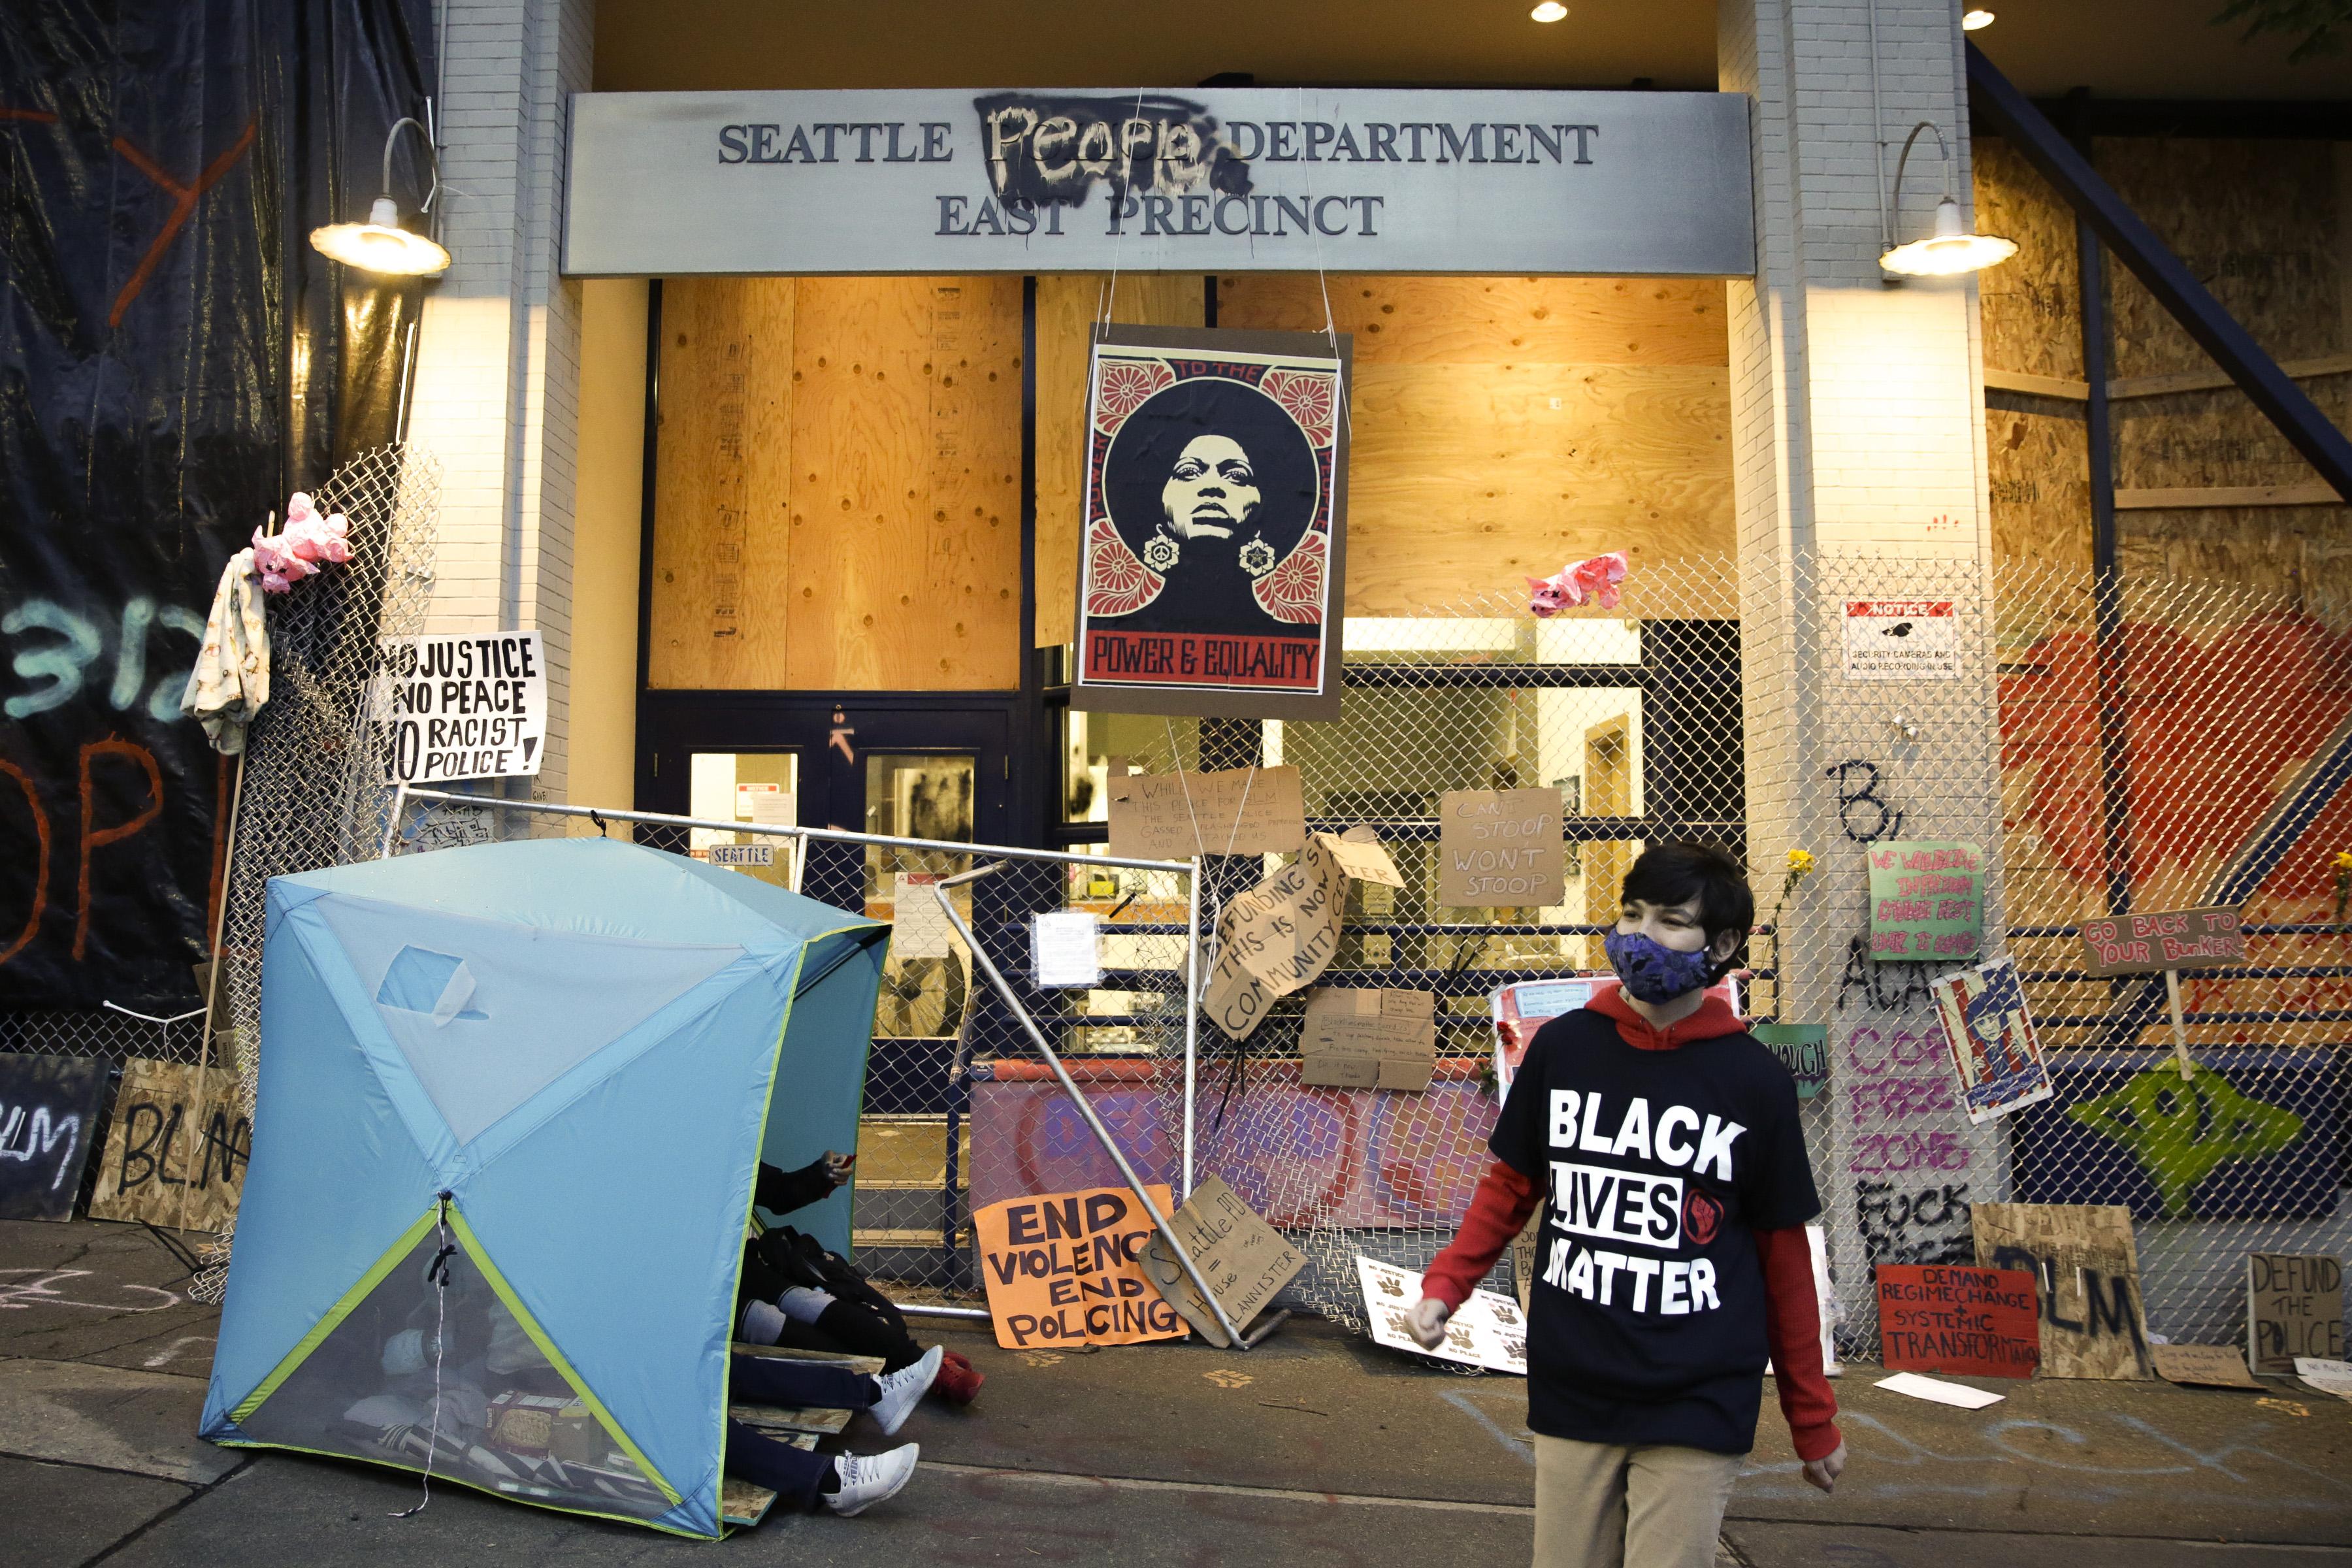 西雅圖「自治區」暴力案激增 警察局長憤怒